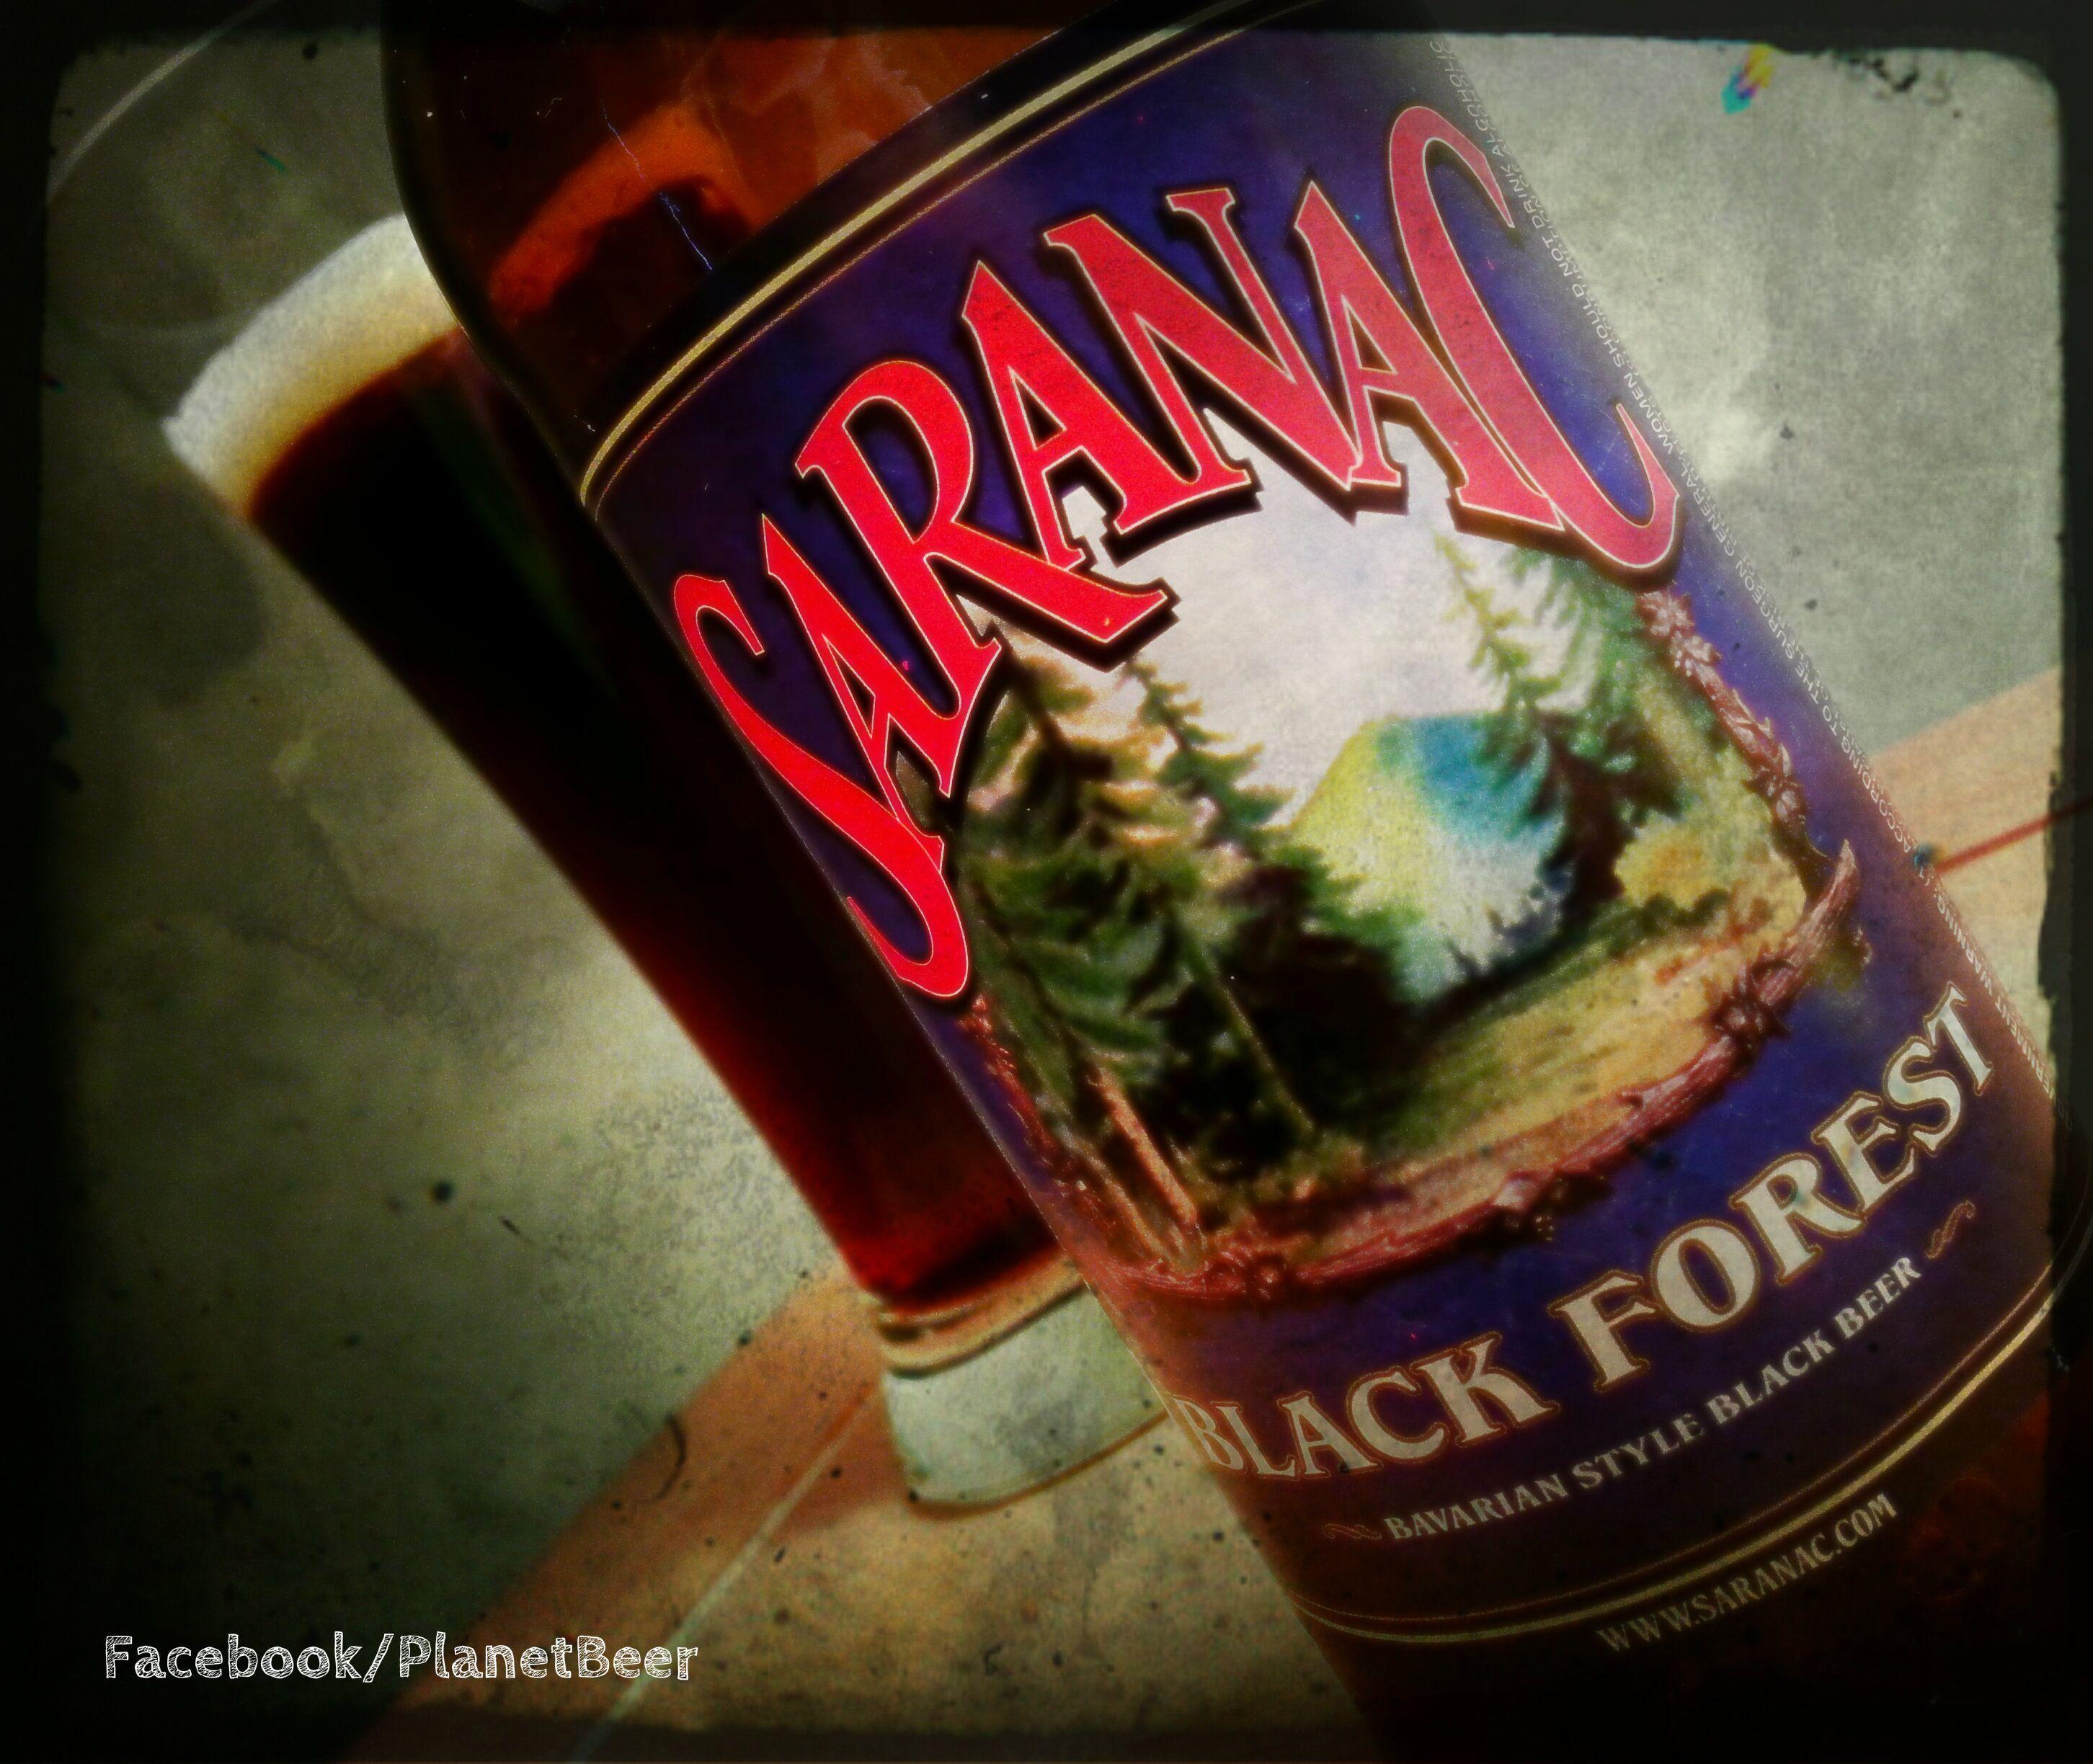 Saranac Black Forest Beer Craftbeer Craft Beer Beer Beer Can